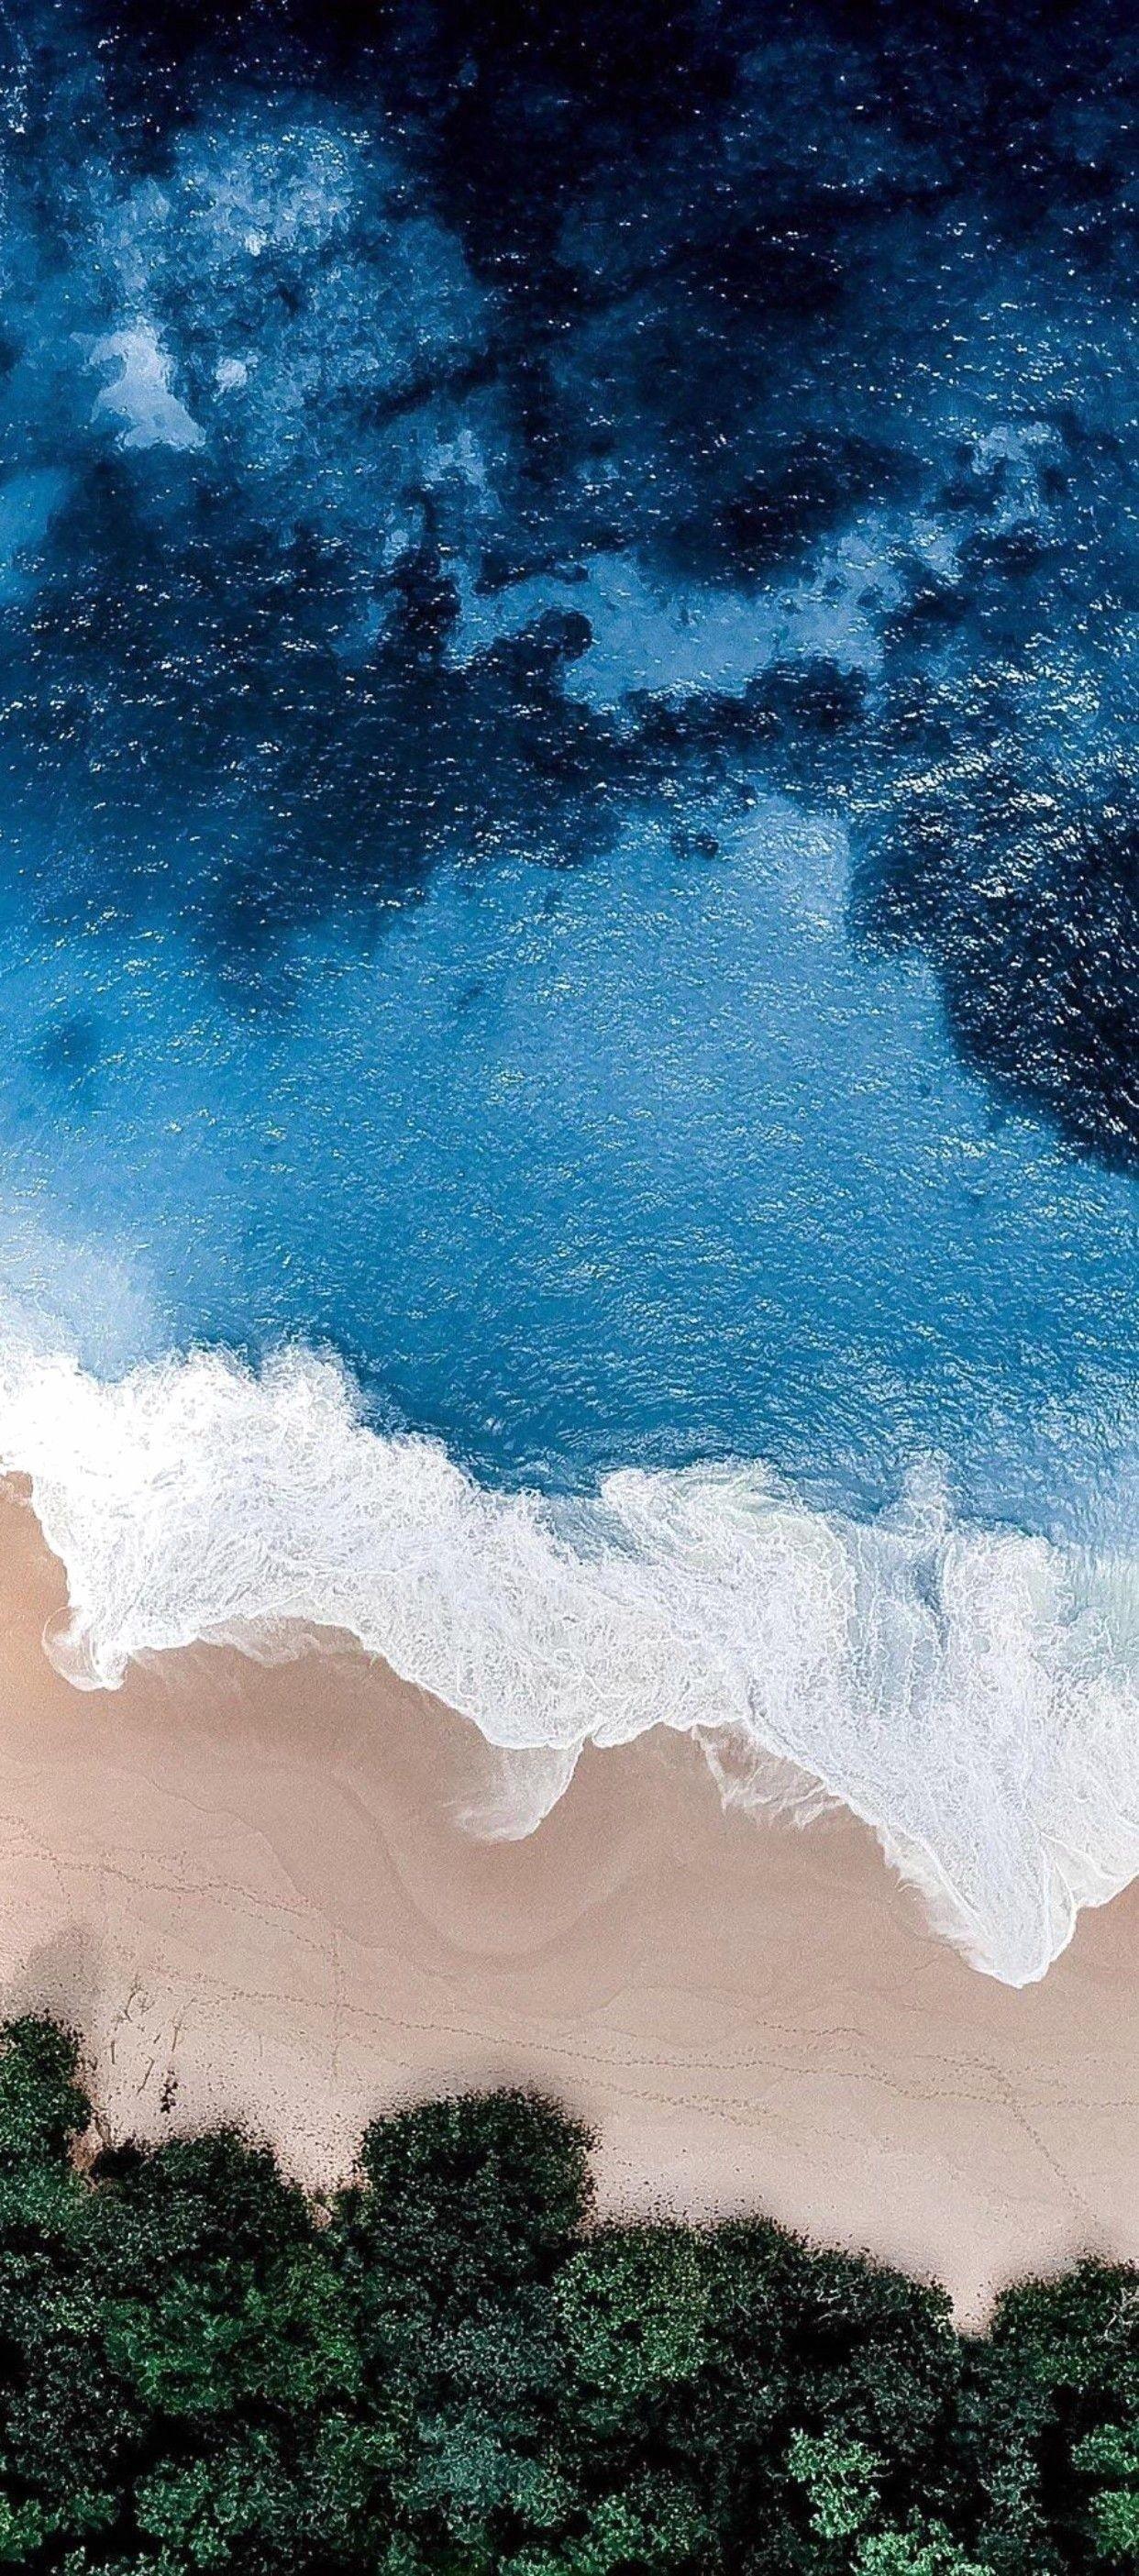 Iphone X 4k Wallpaper Nature Beach Ocean Blue - Ocean Wallpaper Iphone - HD Wallpaper